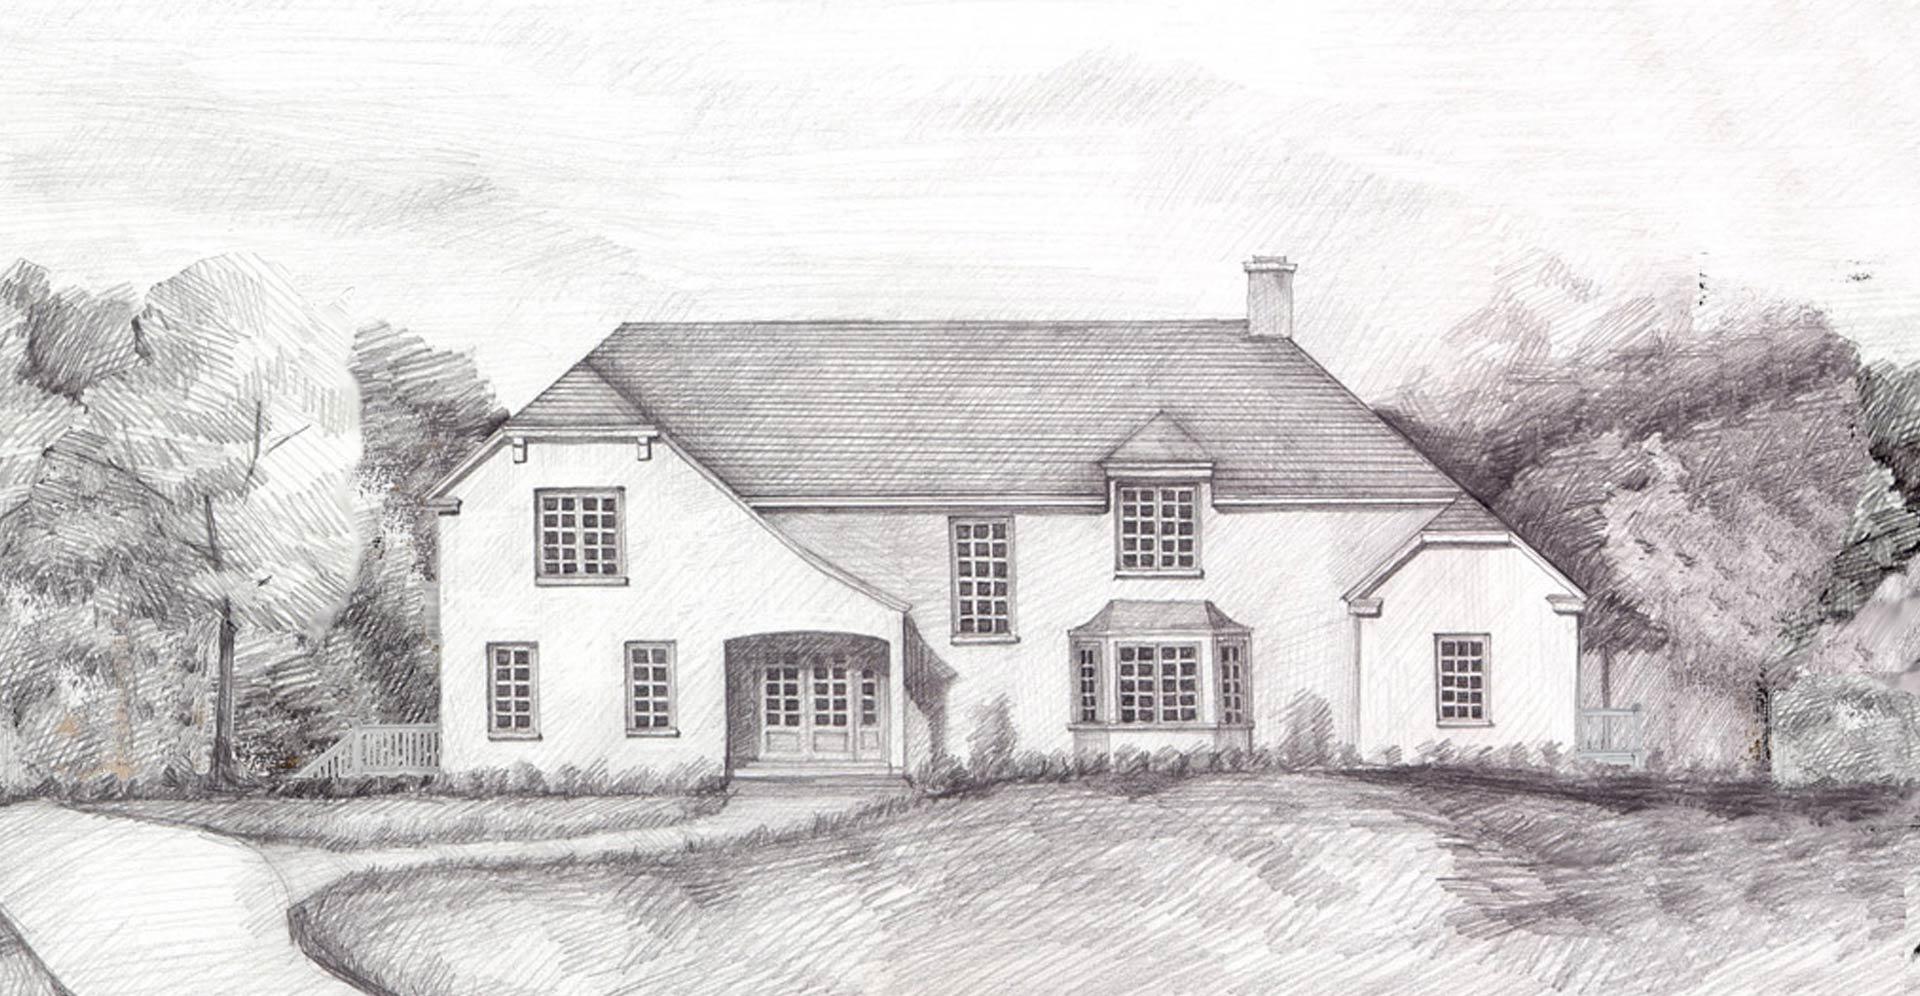 Torrington 1 - New Residence